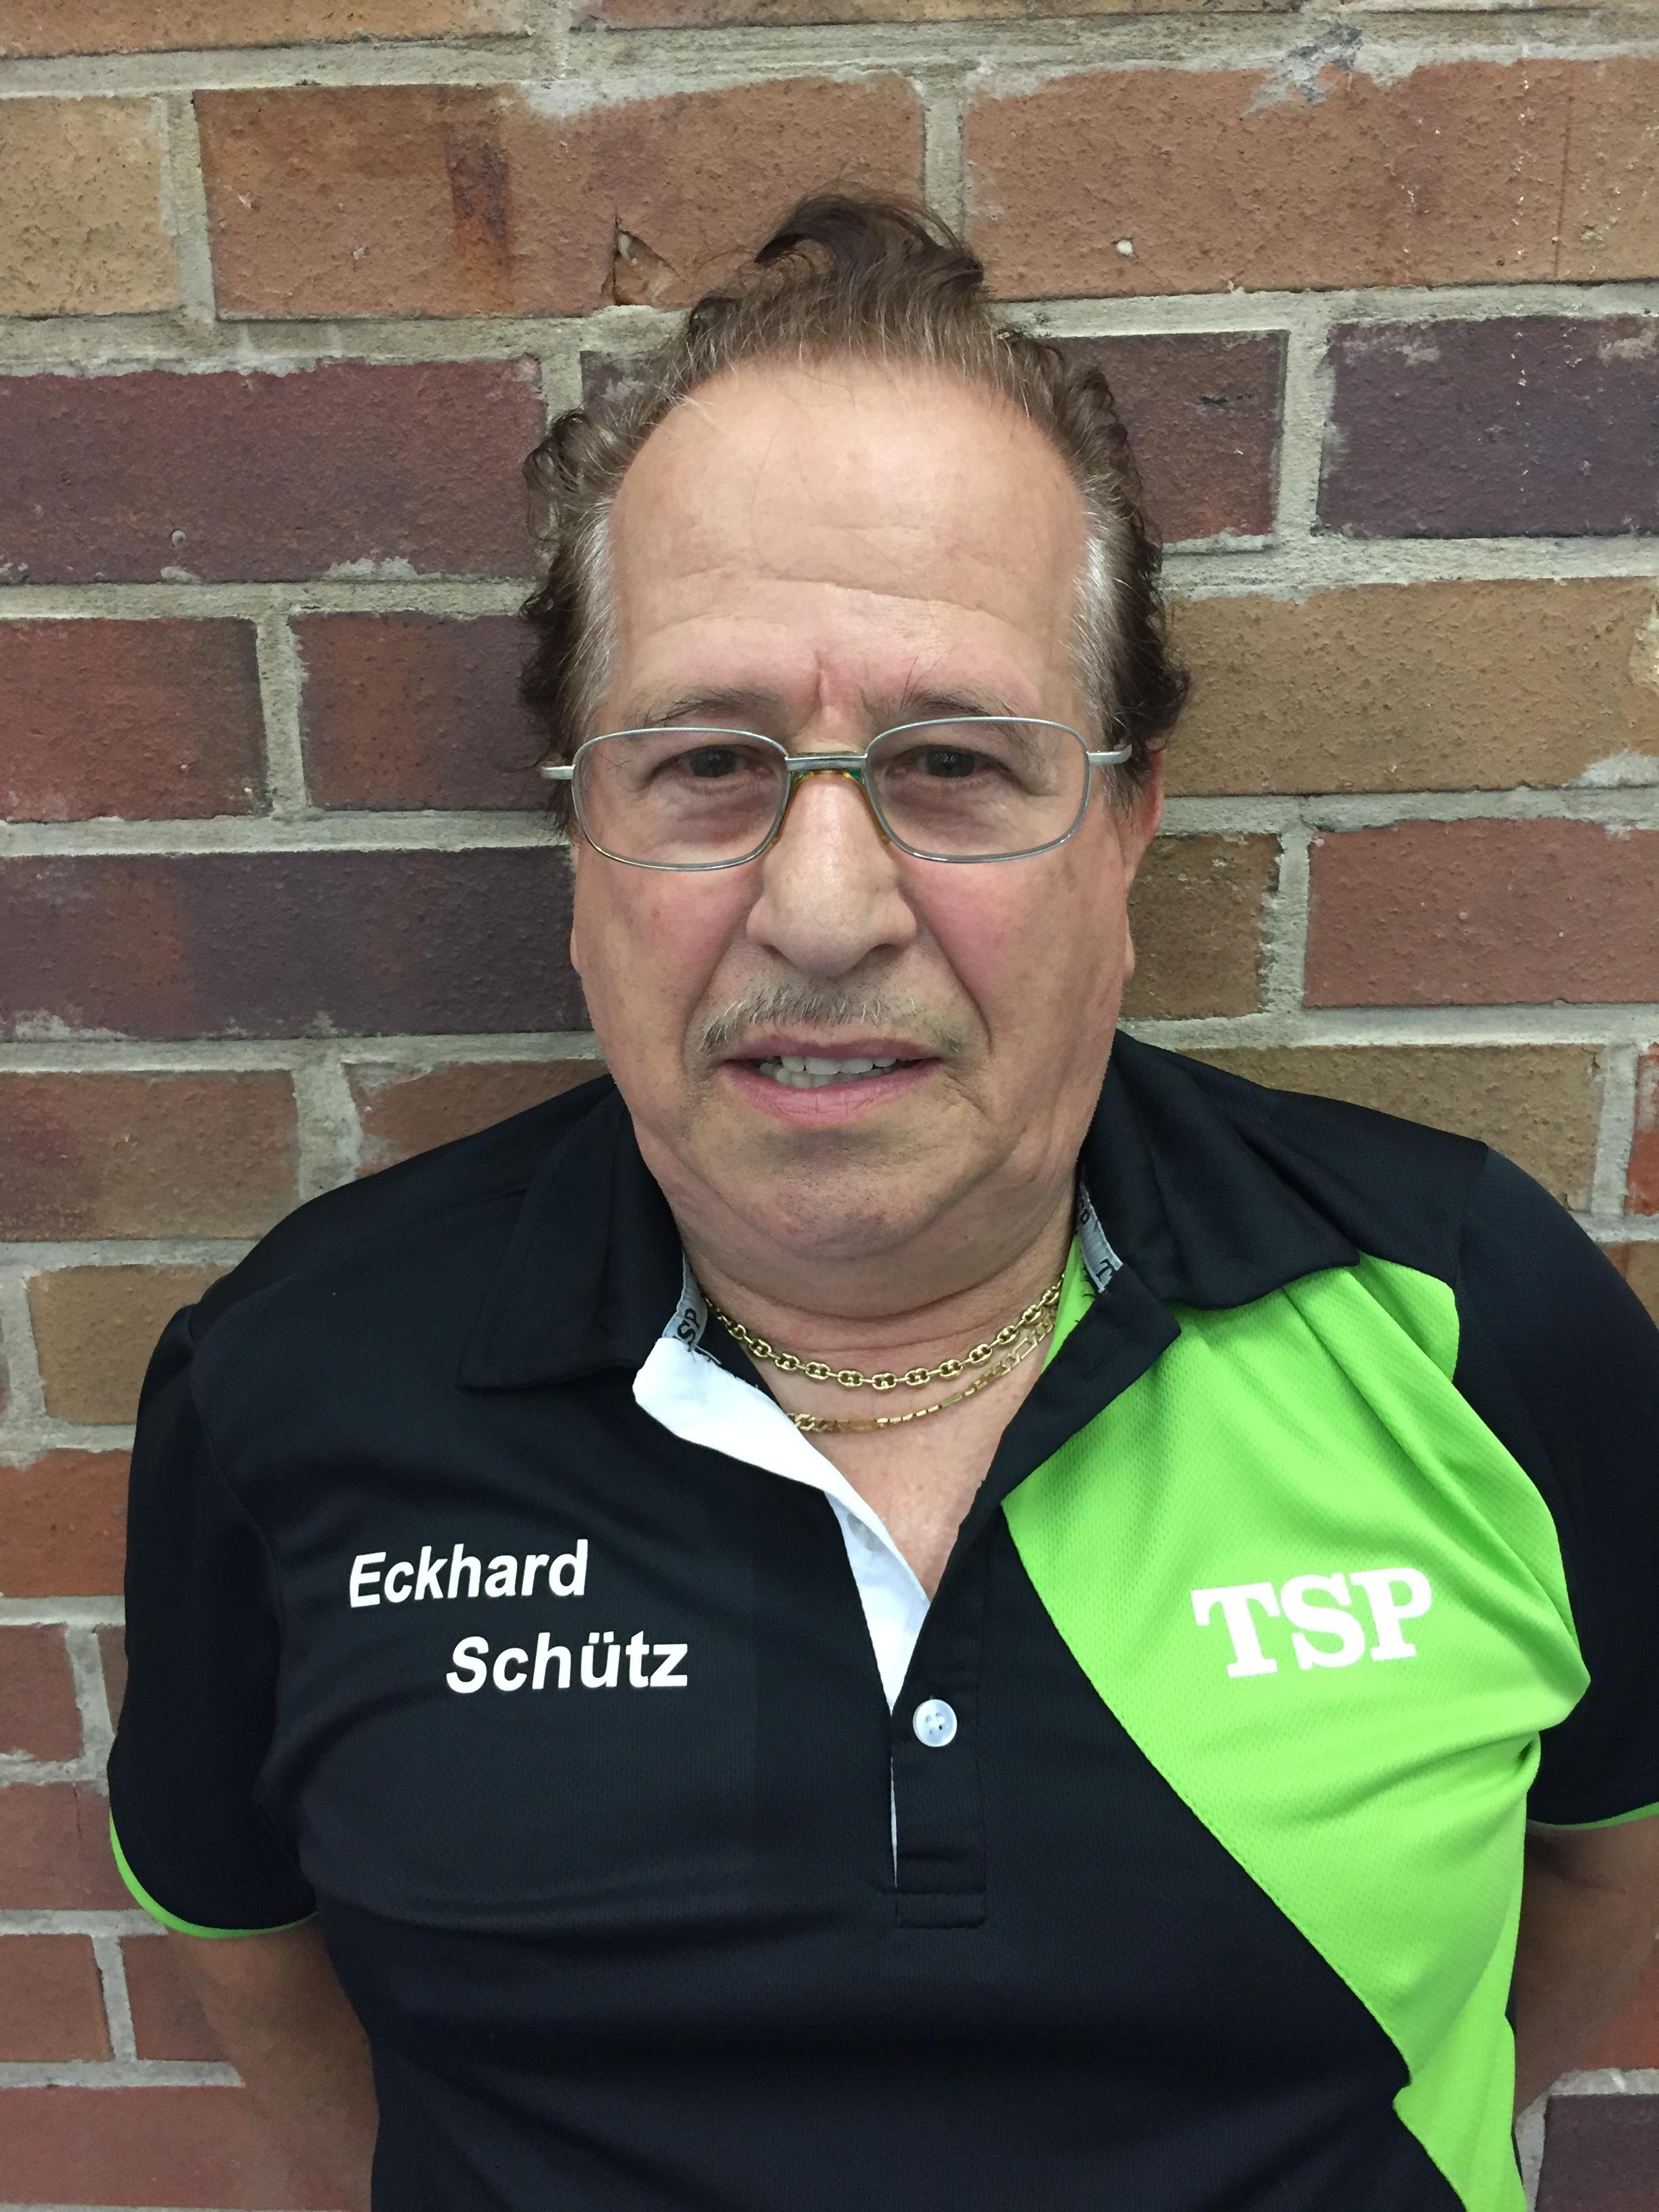 Eckhard Schütz